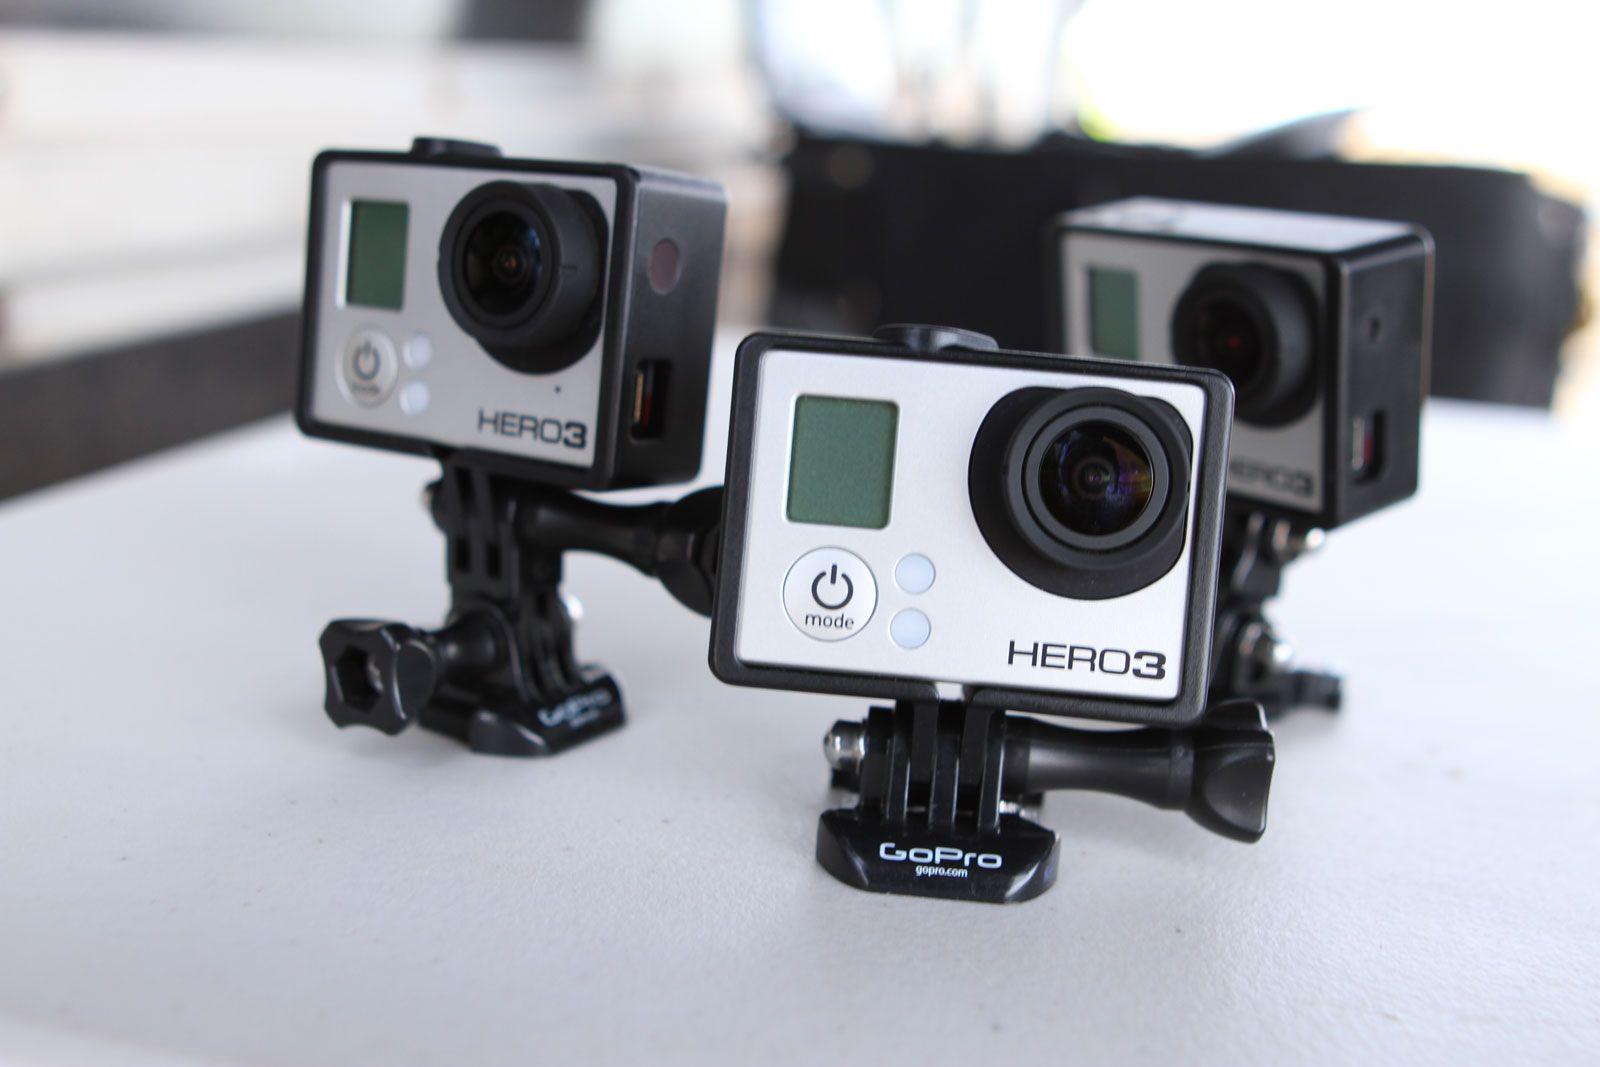 Go Pro Hero 3 - совершенная начинка, богатый функционал,  и минимальные размеры , пожалуй это лучшая экстрим камера на рынке #gopro #hero3